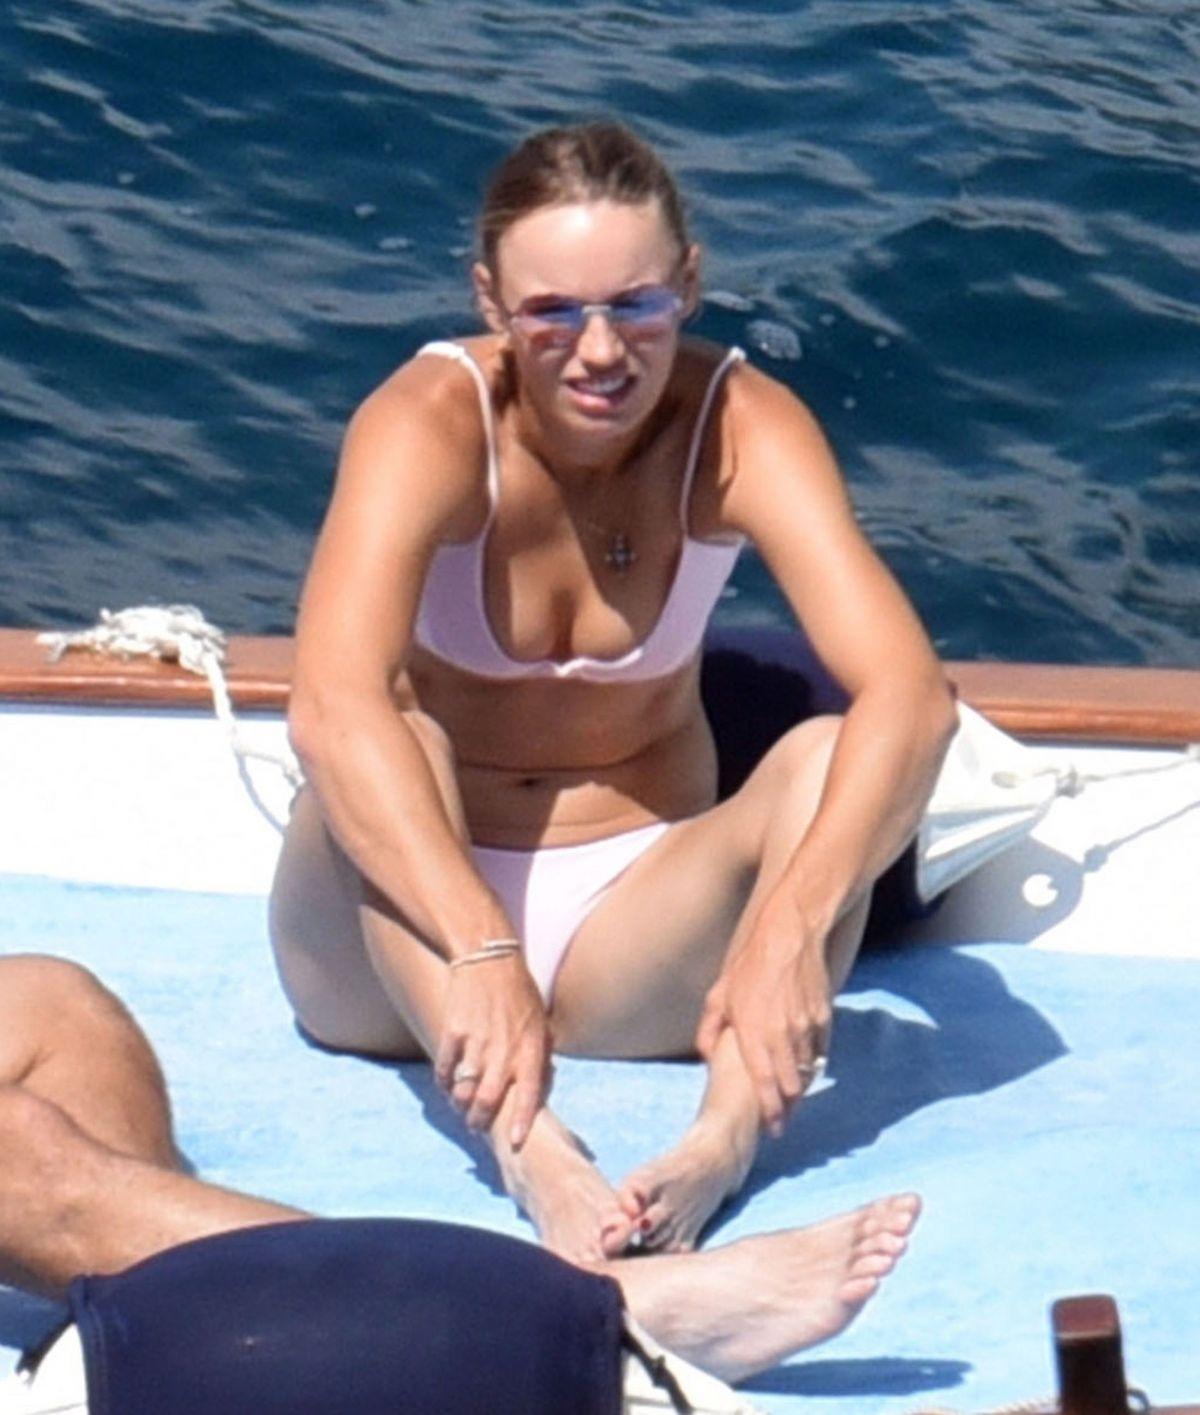 Caroline bikini pics 78